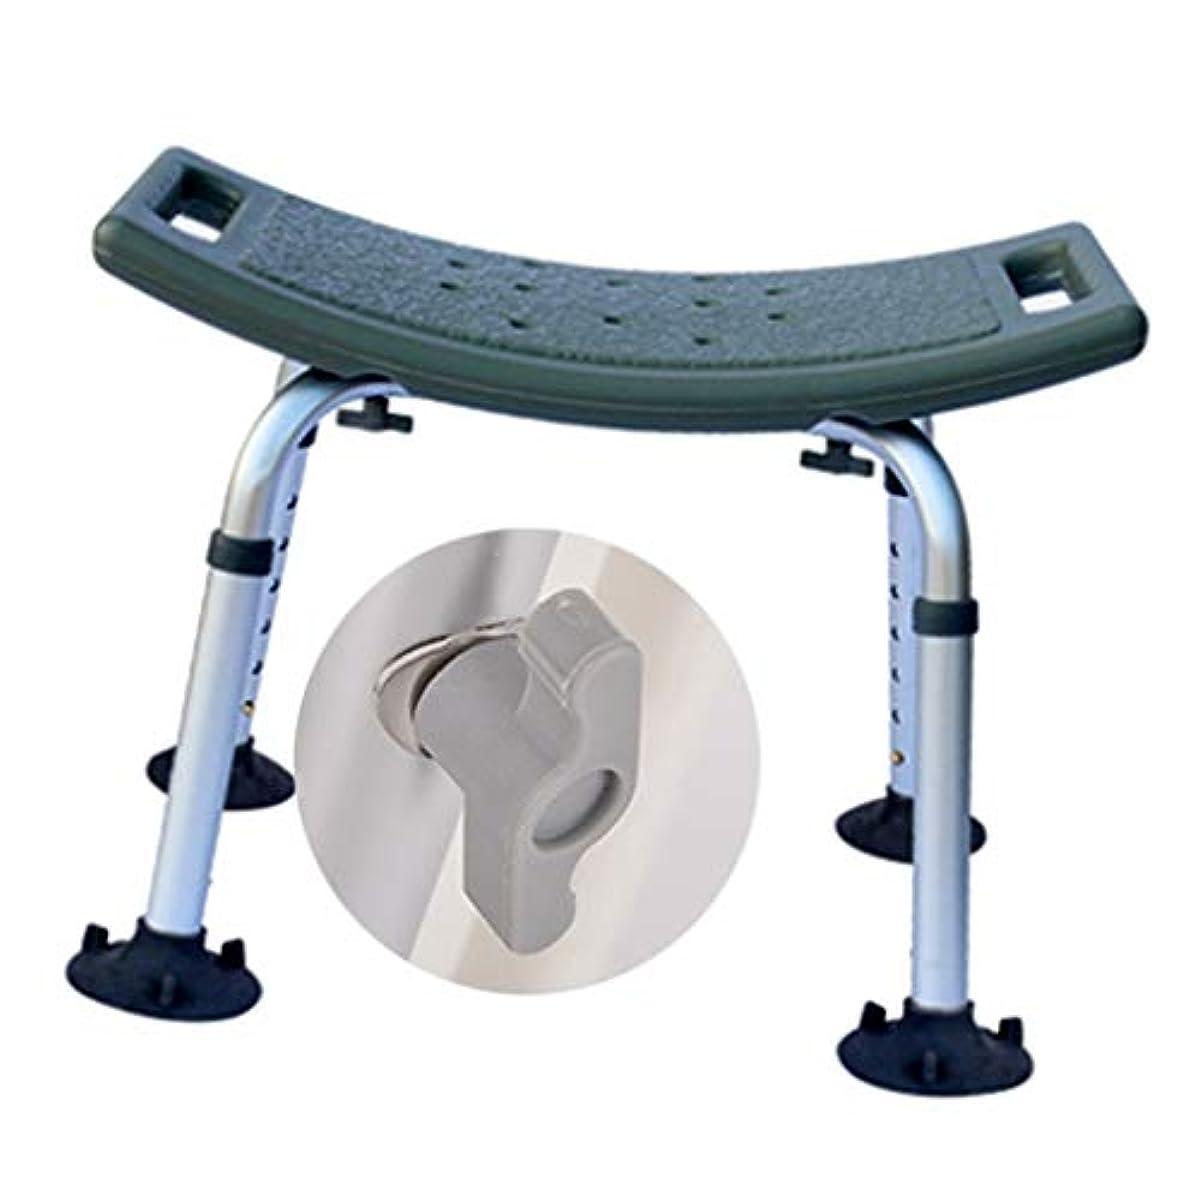 薬脚極めて重要な多機能アルミ製シャワースツール/高齢者/妊娠/身体障害者用/家庭/グレー/滑り止めスツール/カーブ